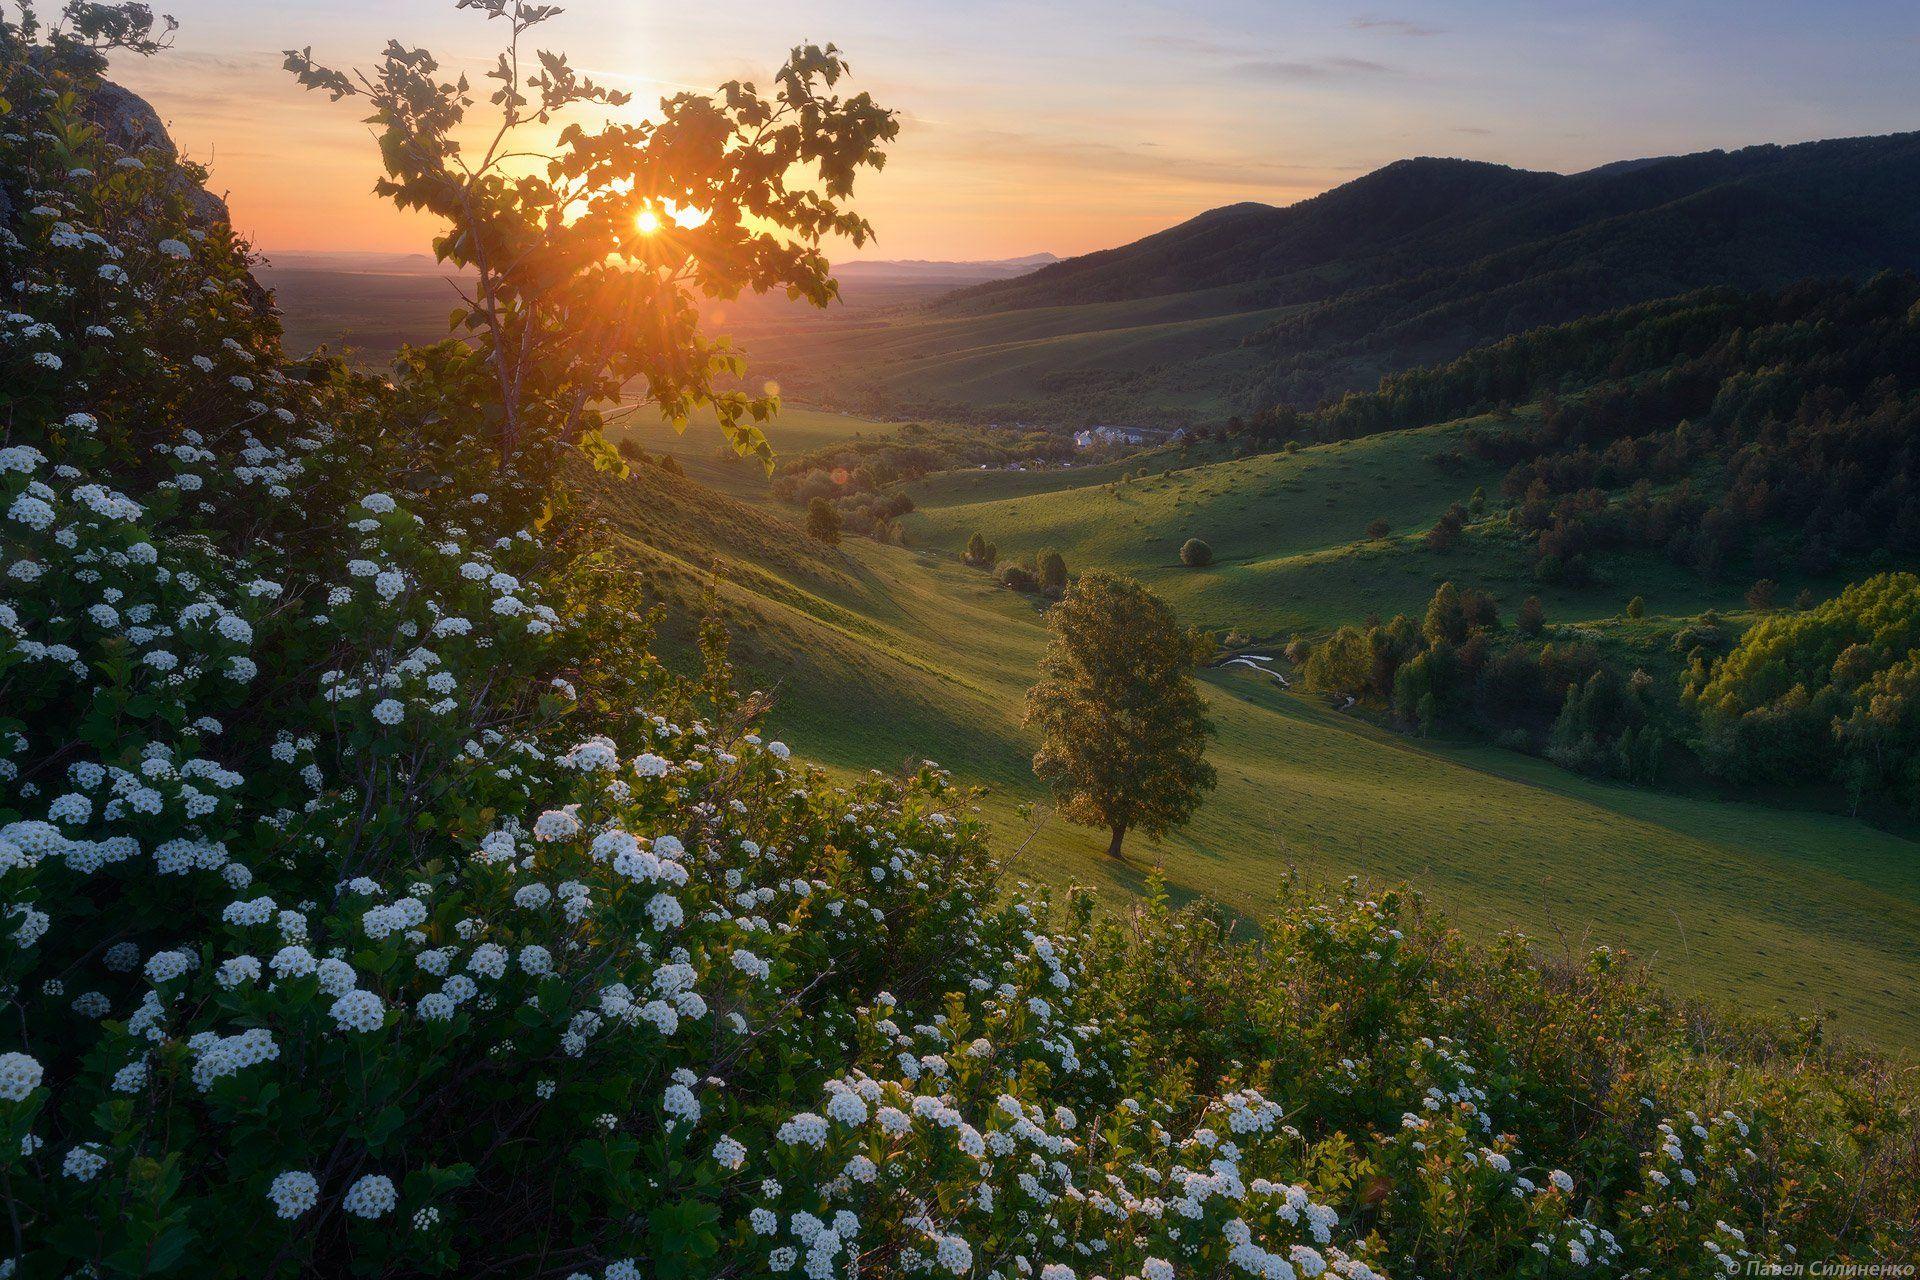 алтай, пейзаж, рассвет, солнце, восход, цветы, горы, свет, лес, Павел Силиненко